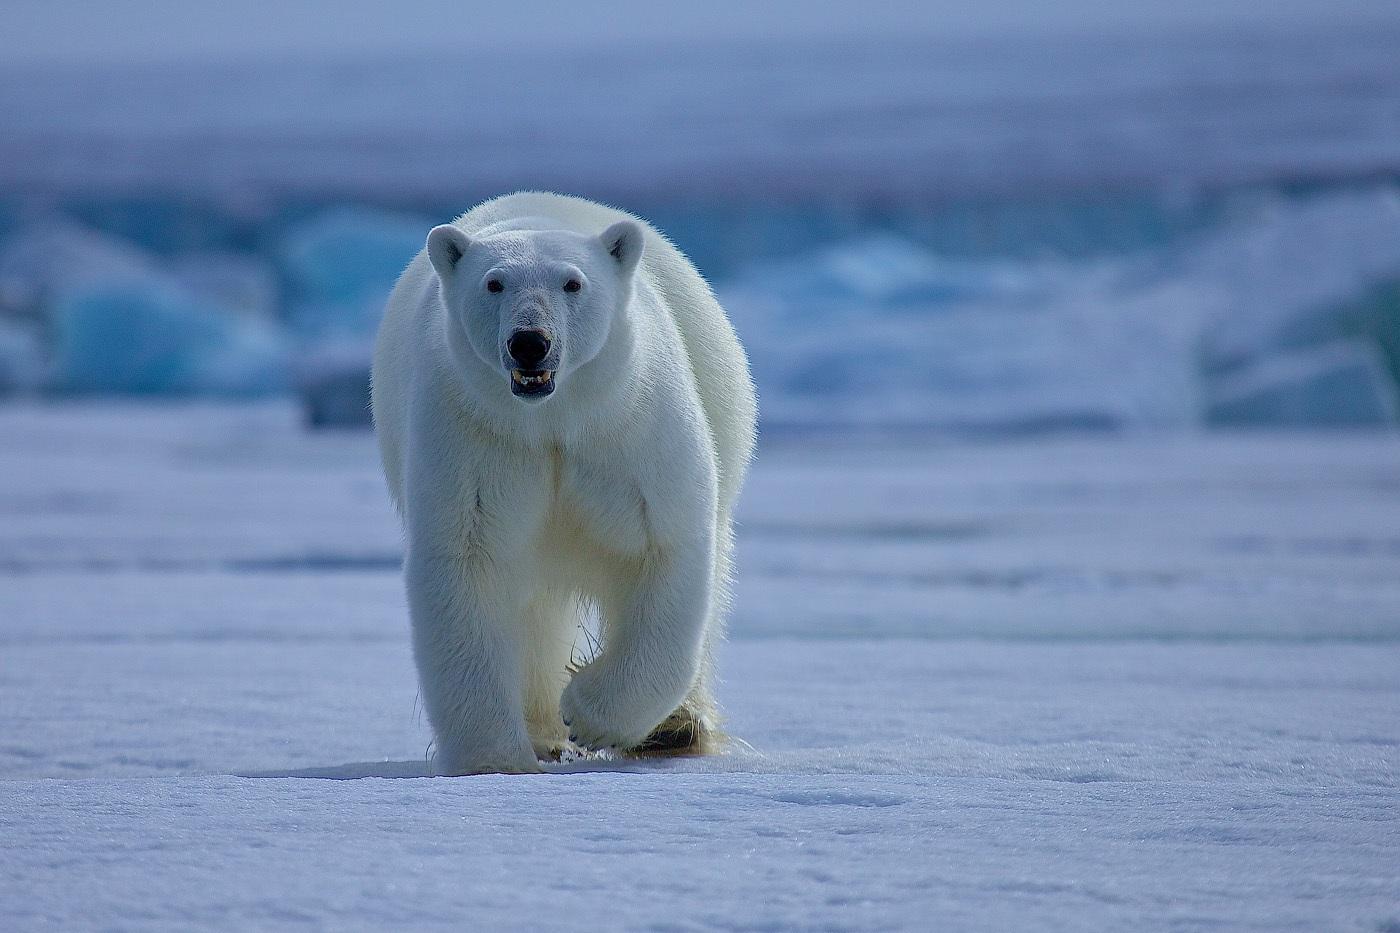 Animales que viven en el Ártico. Por qué en la Antártida no hay osos ...